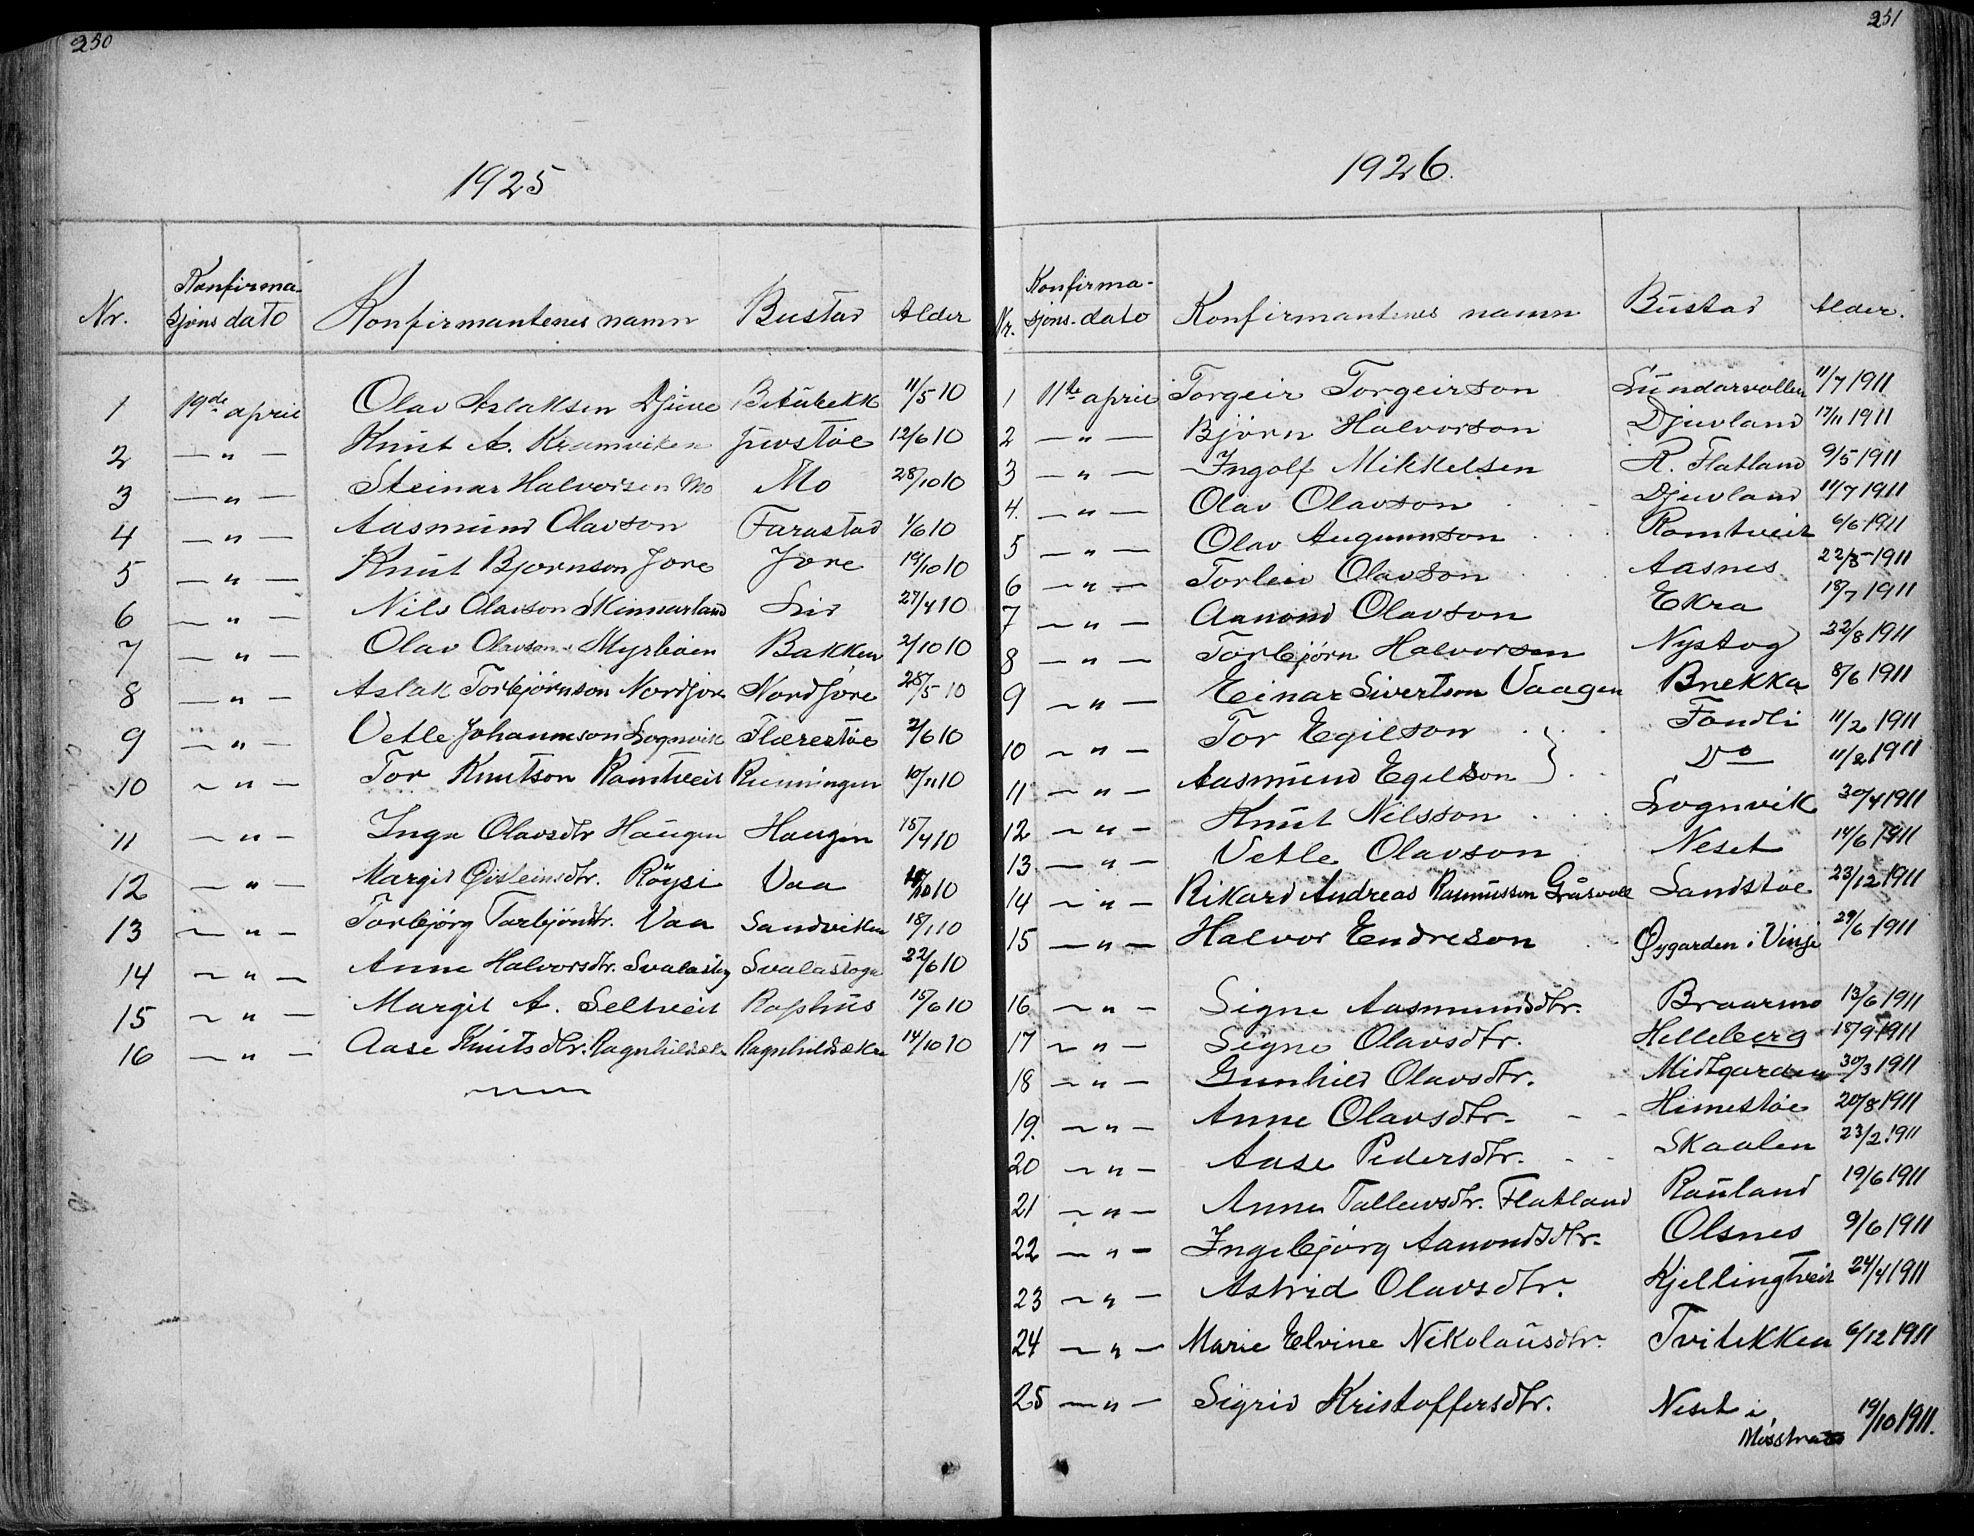 SAKO, Rauland kirkebøker, G/Ga/L0002: Klokkerbok nr. I 2, 1849-1935, s. 250-251